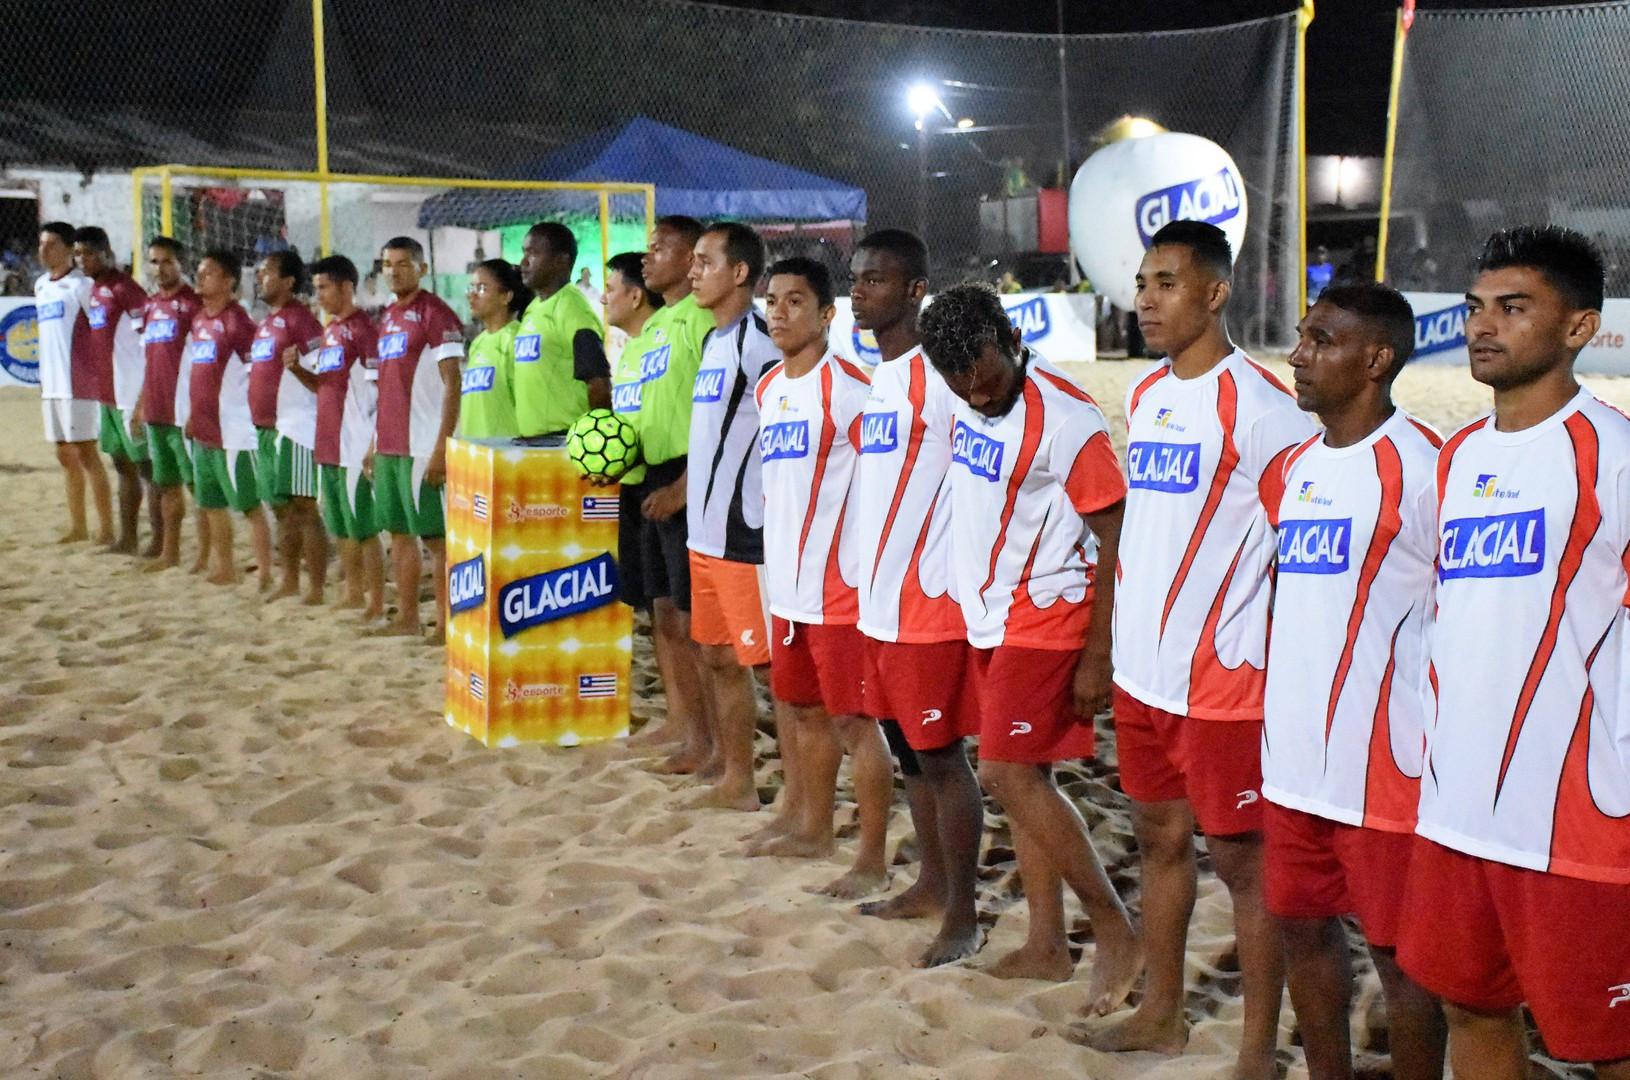 Segunda etapa do Maranhense de Beach Socer começa nesta terça. (Foto: Paulo de Tarso Jr.)